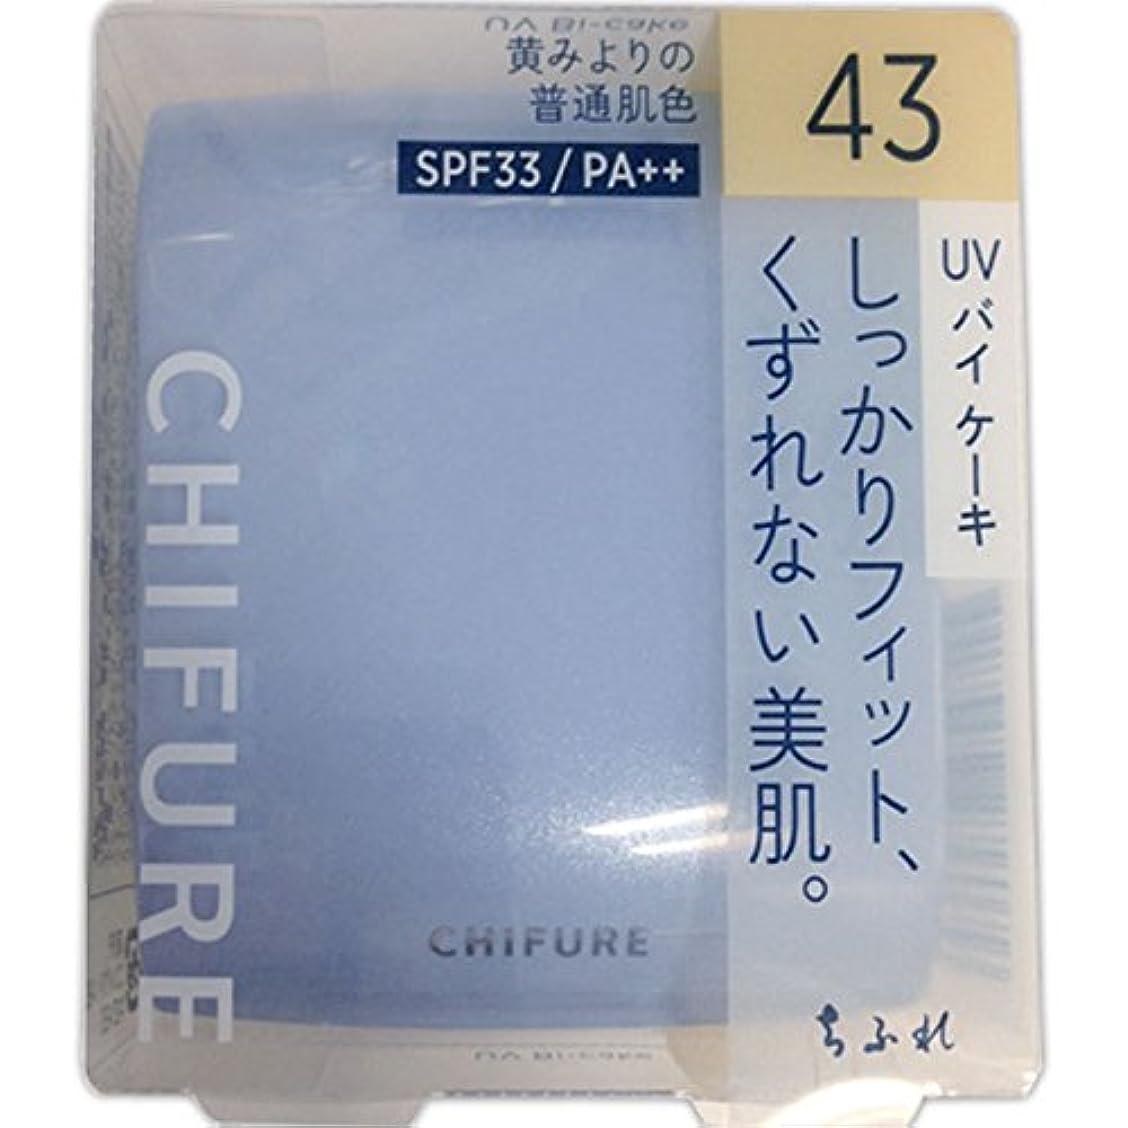 ちふれ化粧品 UV バイ ケーキ(スポンジ入り) 43 黄みよりの普通肌色 43